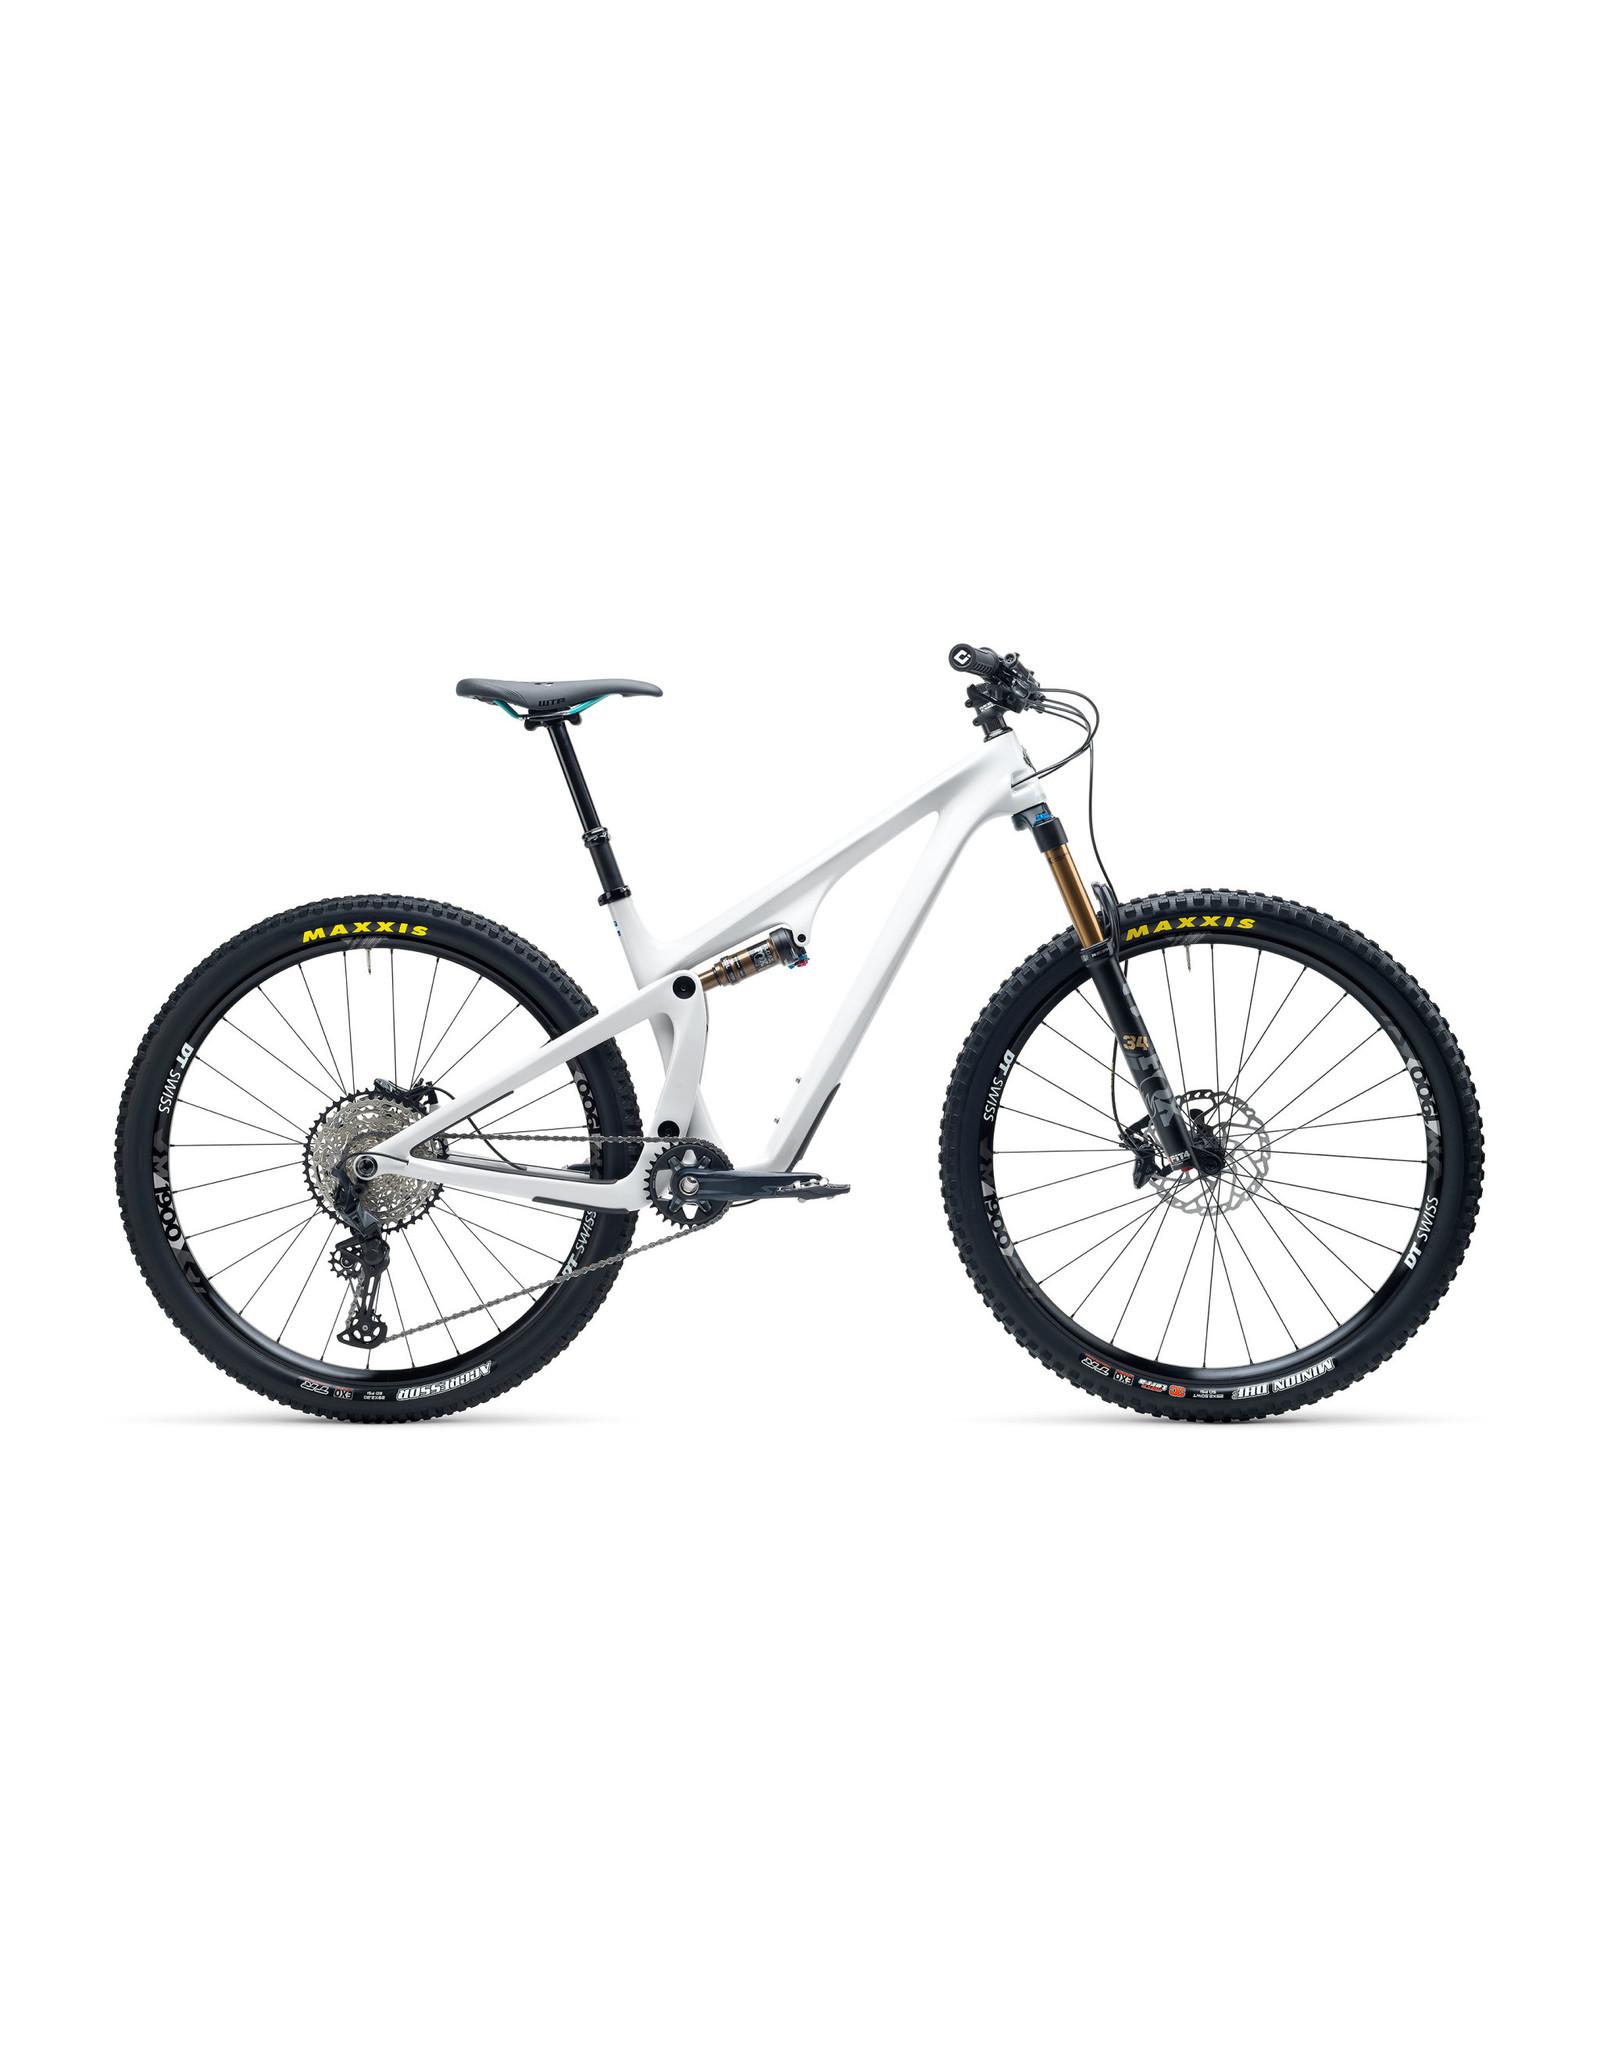 Yeti Cycles Yeti SB115 Blanco C1 Factory XL